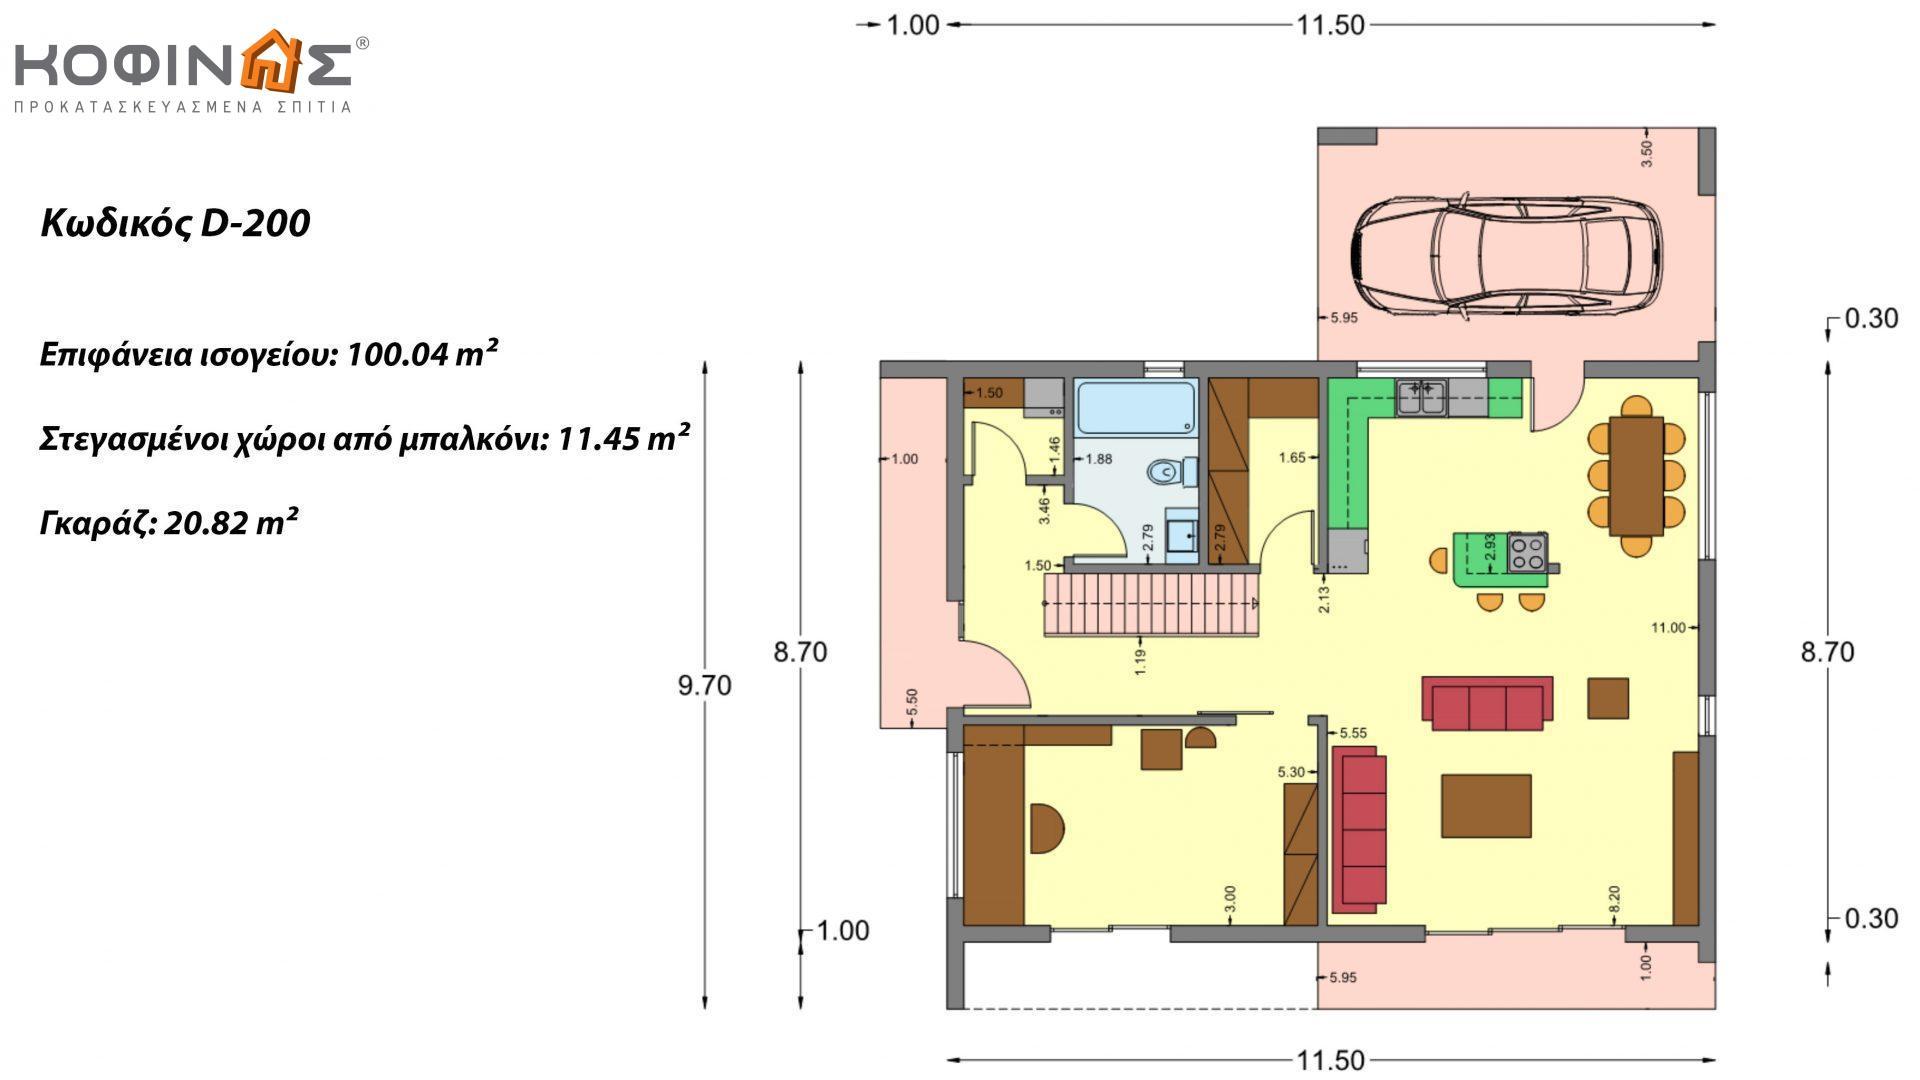 Διώροφη Κατοικία D-200, συνολικής επιφάνειας 200.08 τ.μ. ,+Γκαράζ 20.82 m²(=220.90 m²) συνολική επιφάνεια στεγασμένων χώρων 34.40 τ.μ., μπαλκόνια 32.27 τ.μ.